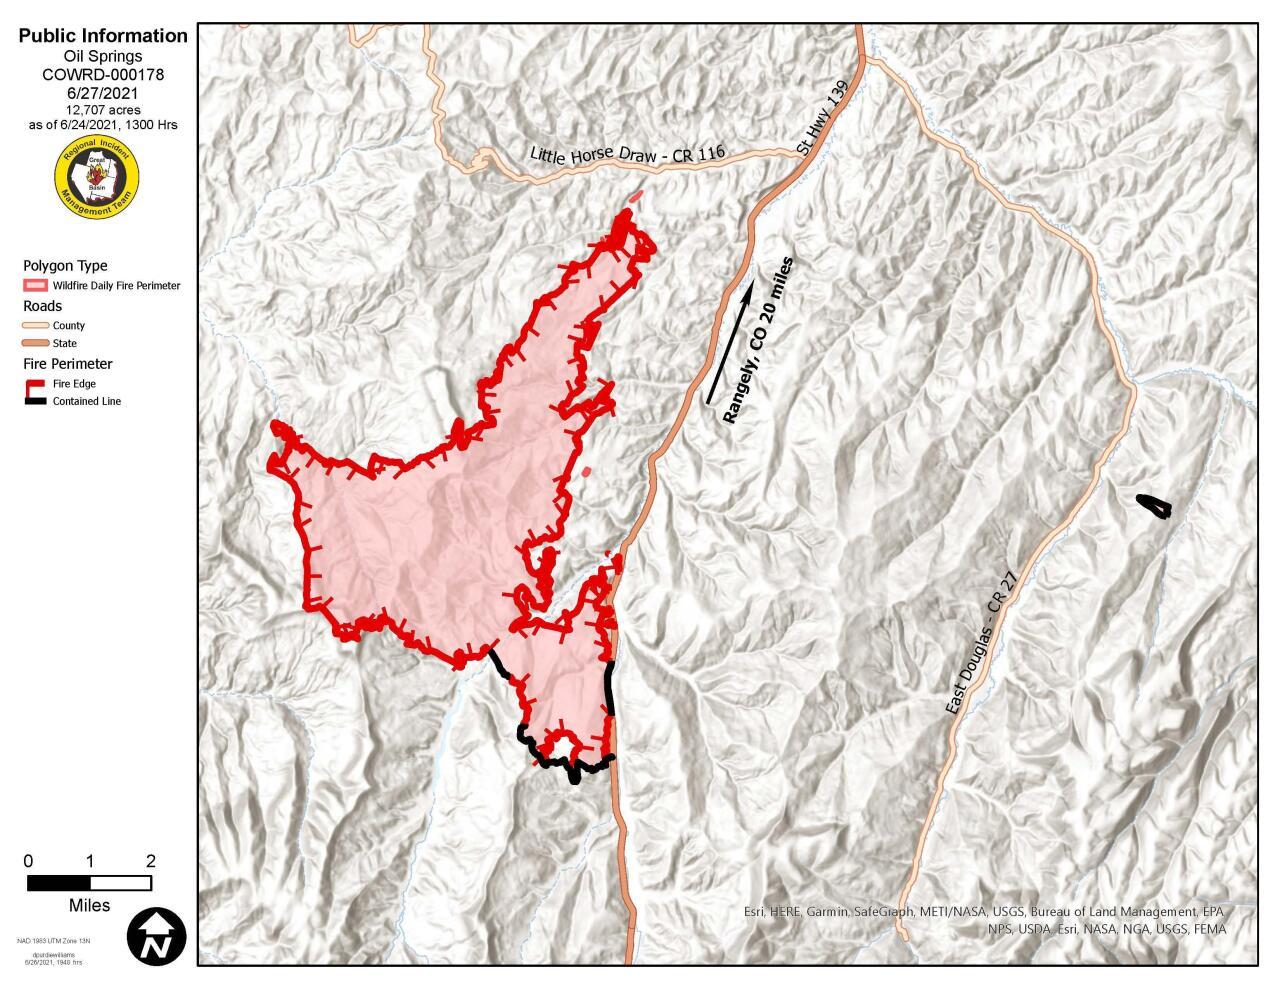 Oil Springs Fire June 27, 2021